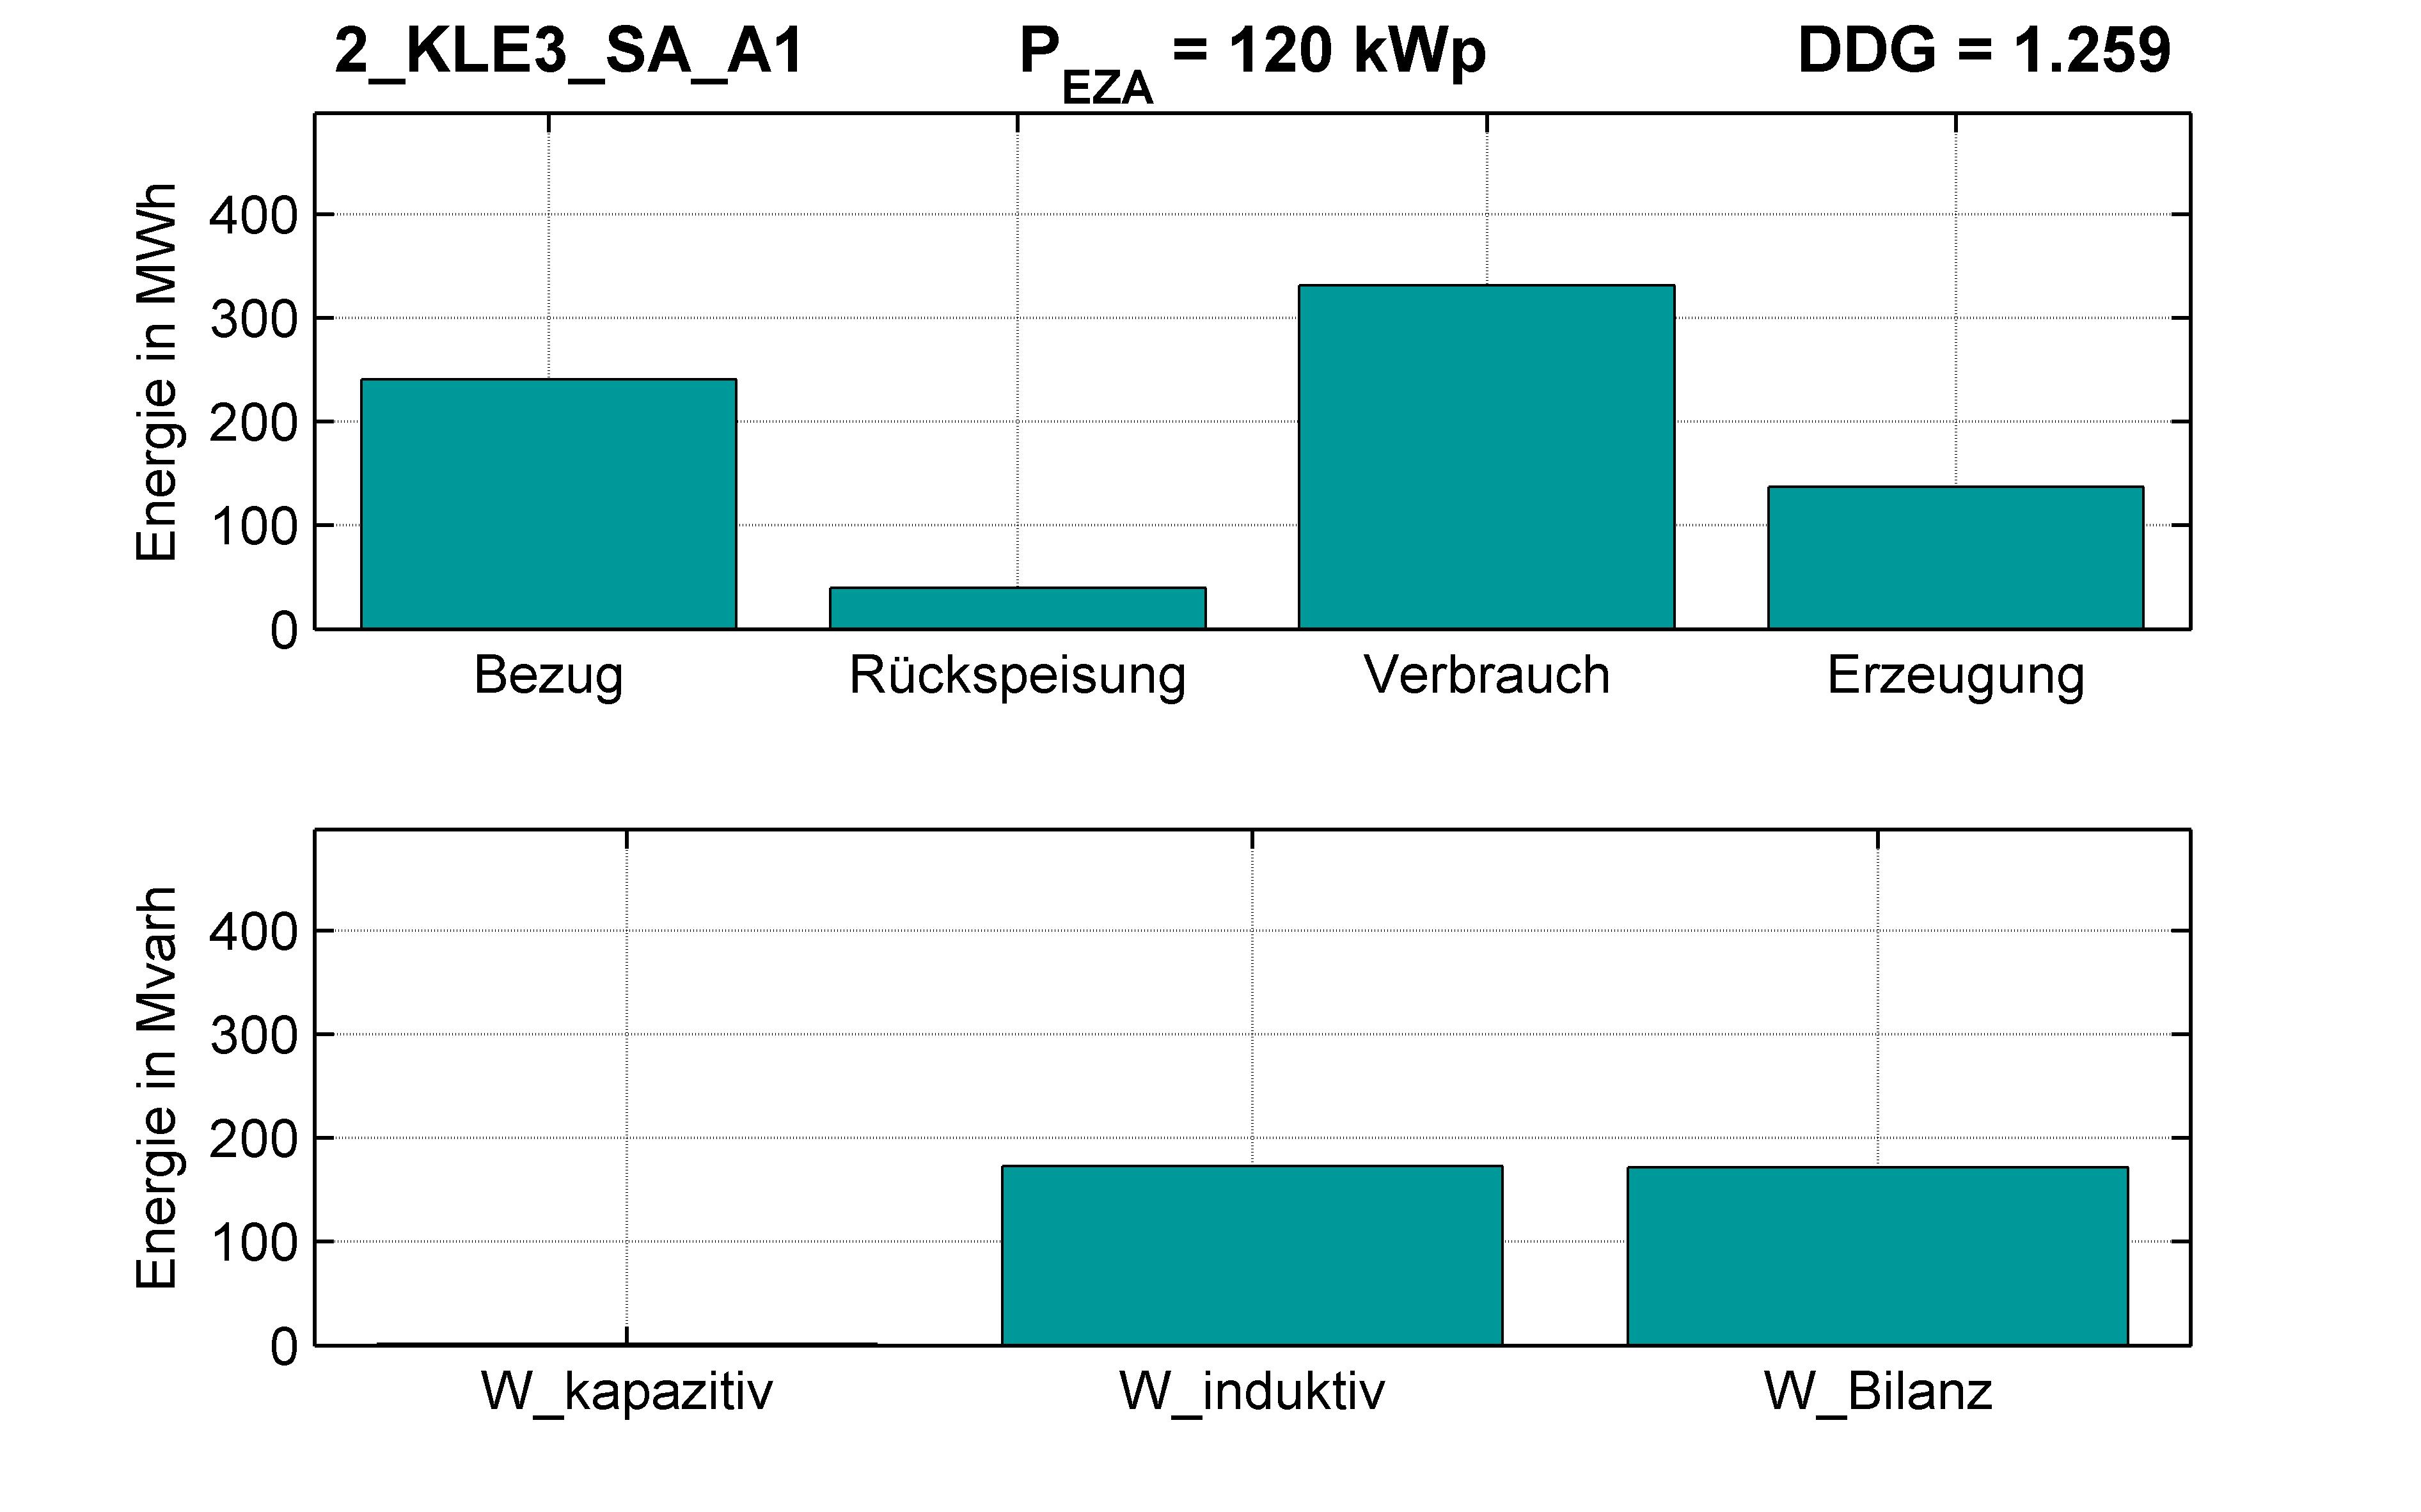 KLE3 | P-Kappung 85% (SA) A1 | PQ-Bilanz